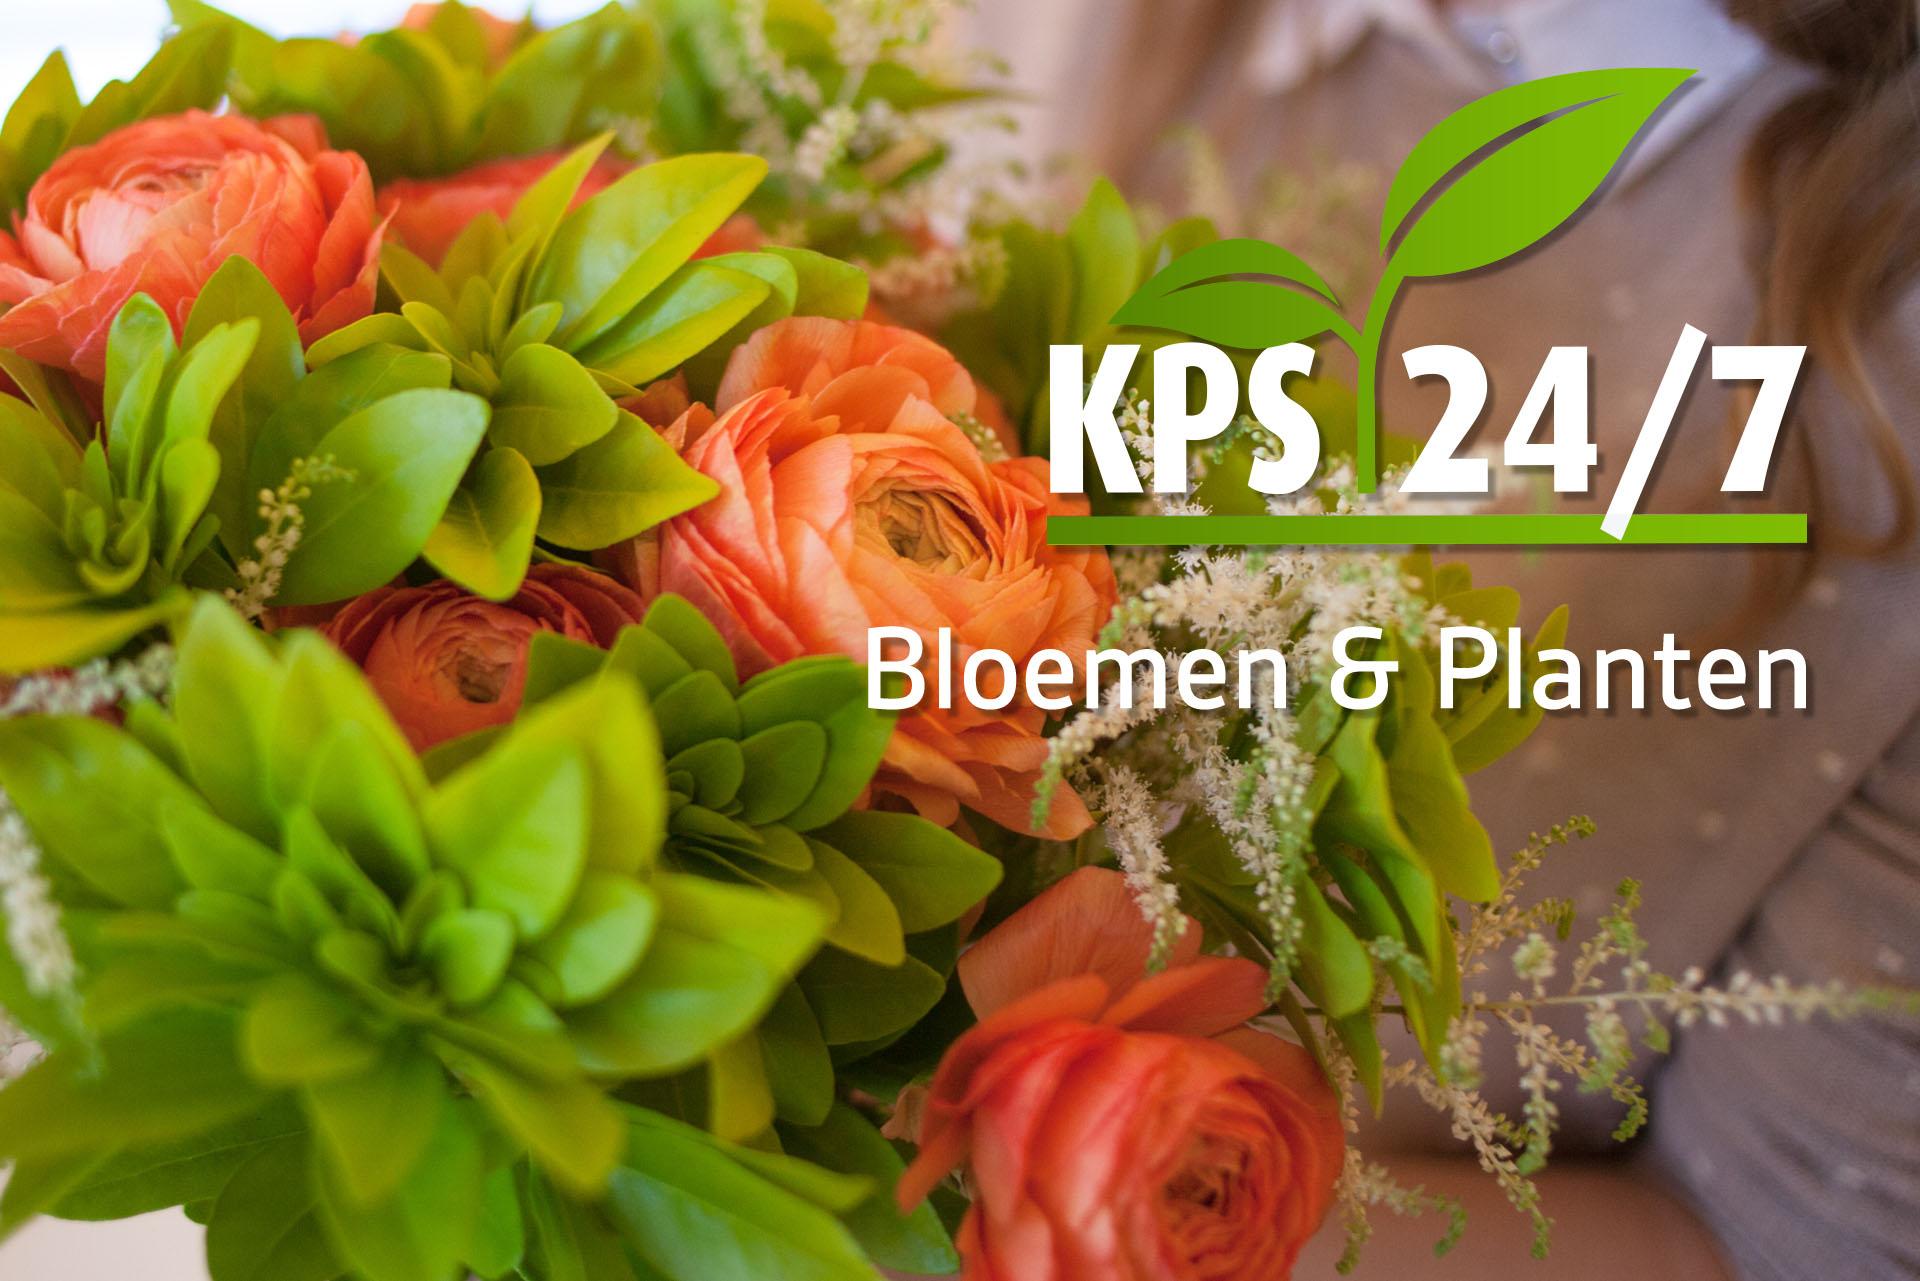 Door de bloemen weg in te slaan wordt het aanbod van KPS 24/7 een stuk breder, waardoor klanten een totaalpakket aangeboden krijgen. Door deze uitbreiding ontstaat er één marktplaats waarbij klanten de mogelijkheid hebben om de volledige inkoop te kunnen doen tegen een marktconforme prijs.